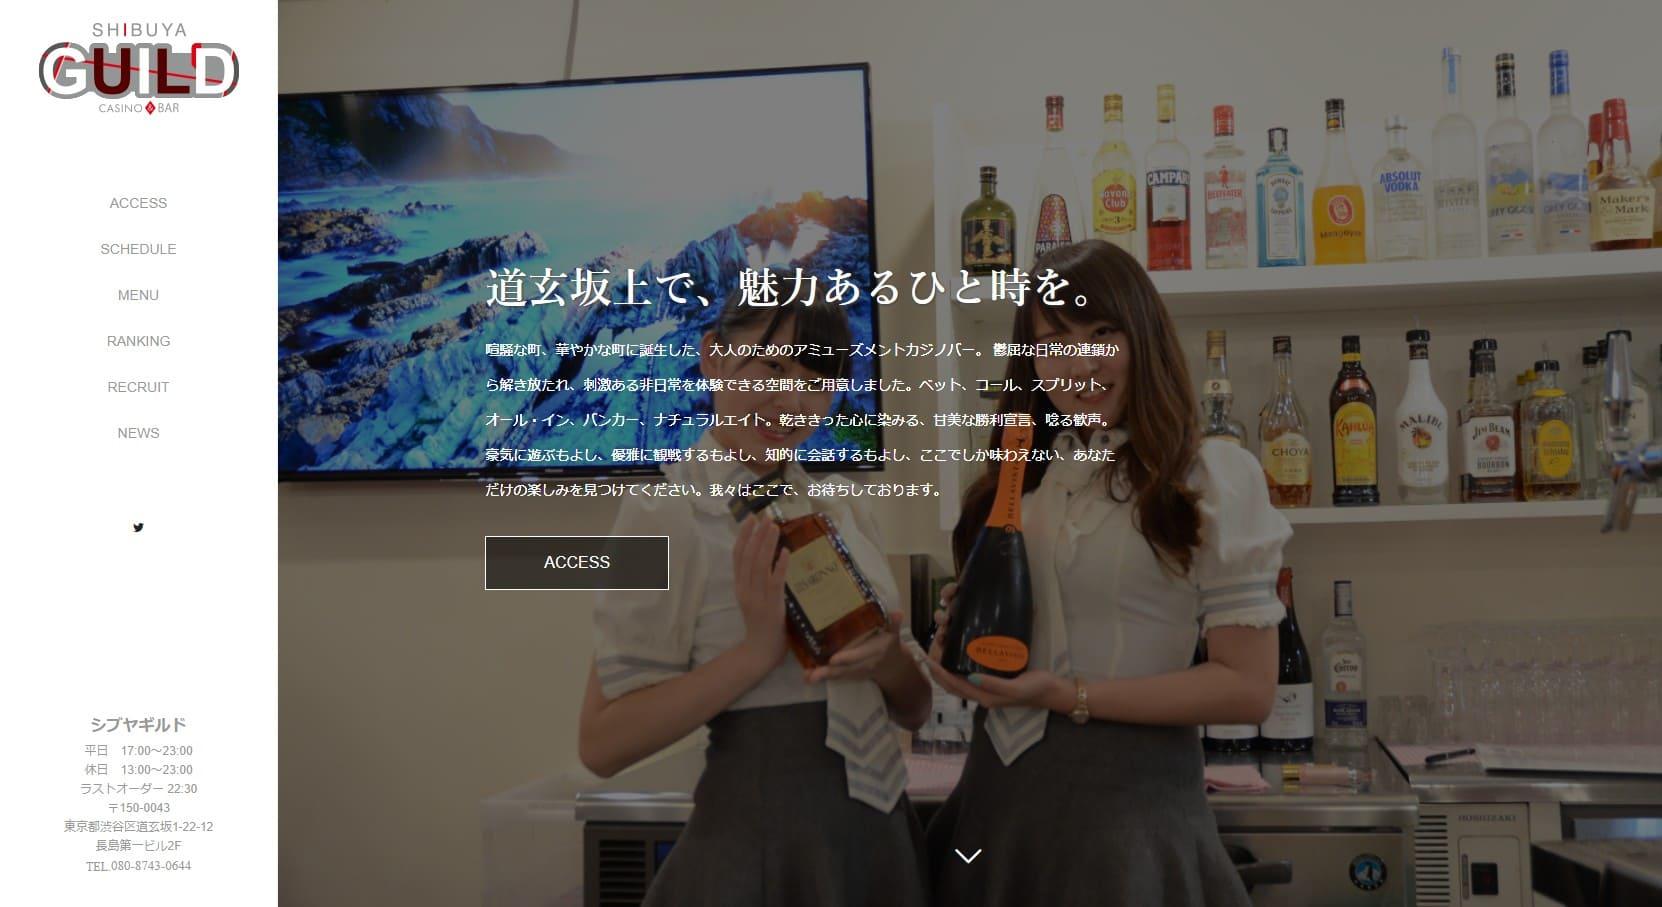 渋谷ギルドウェブサイト画像。